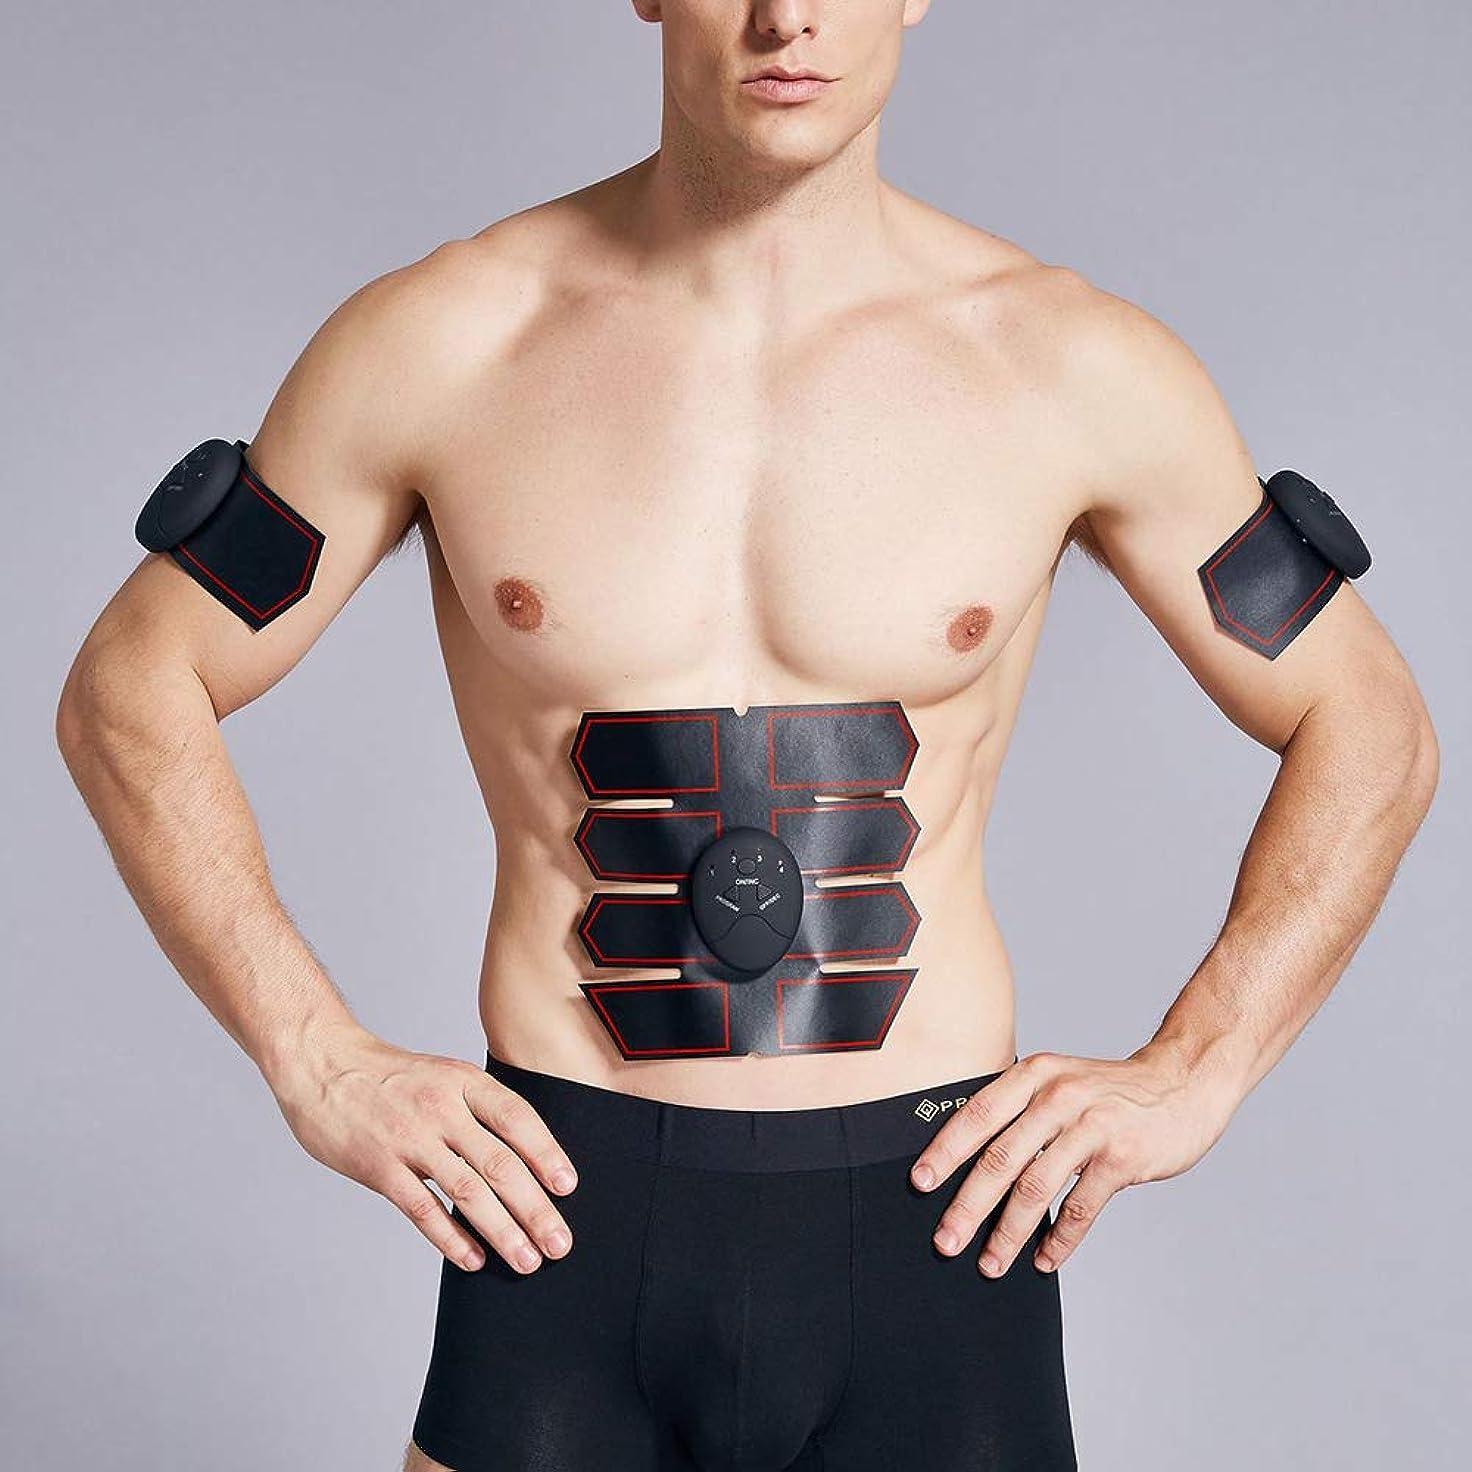 スマイル教科書カウボーイ新しい腹筋トレーナーEMSワイヤレス筋肉刺激装置体重減少腹部トレーナー美容機全身マッサージエクササイズフィットネス機器ユニセックス,Black